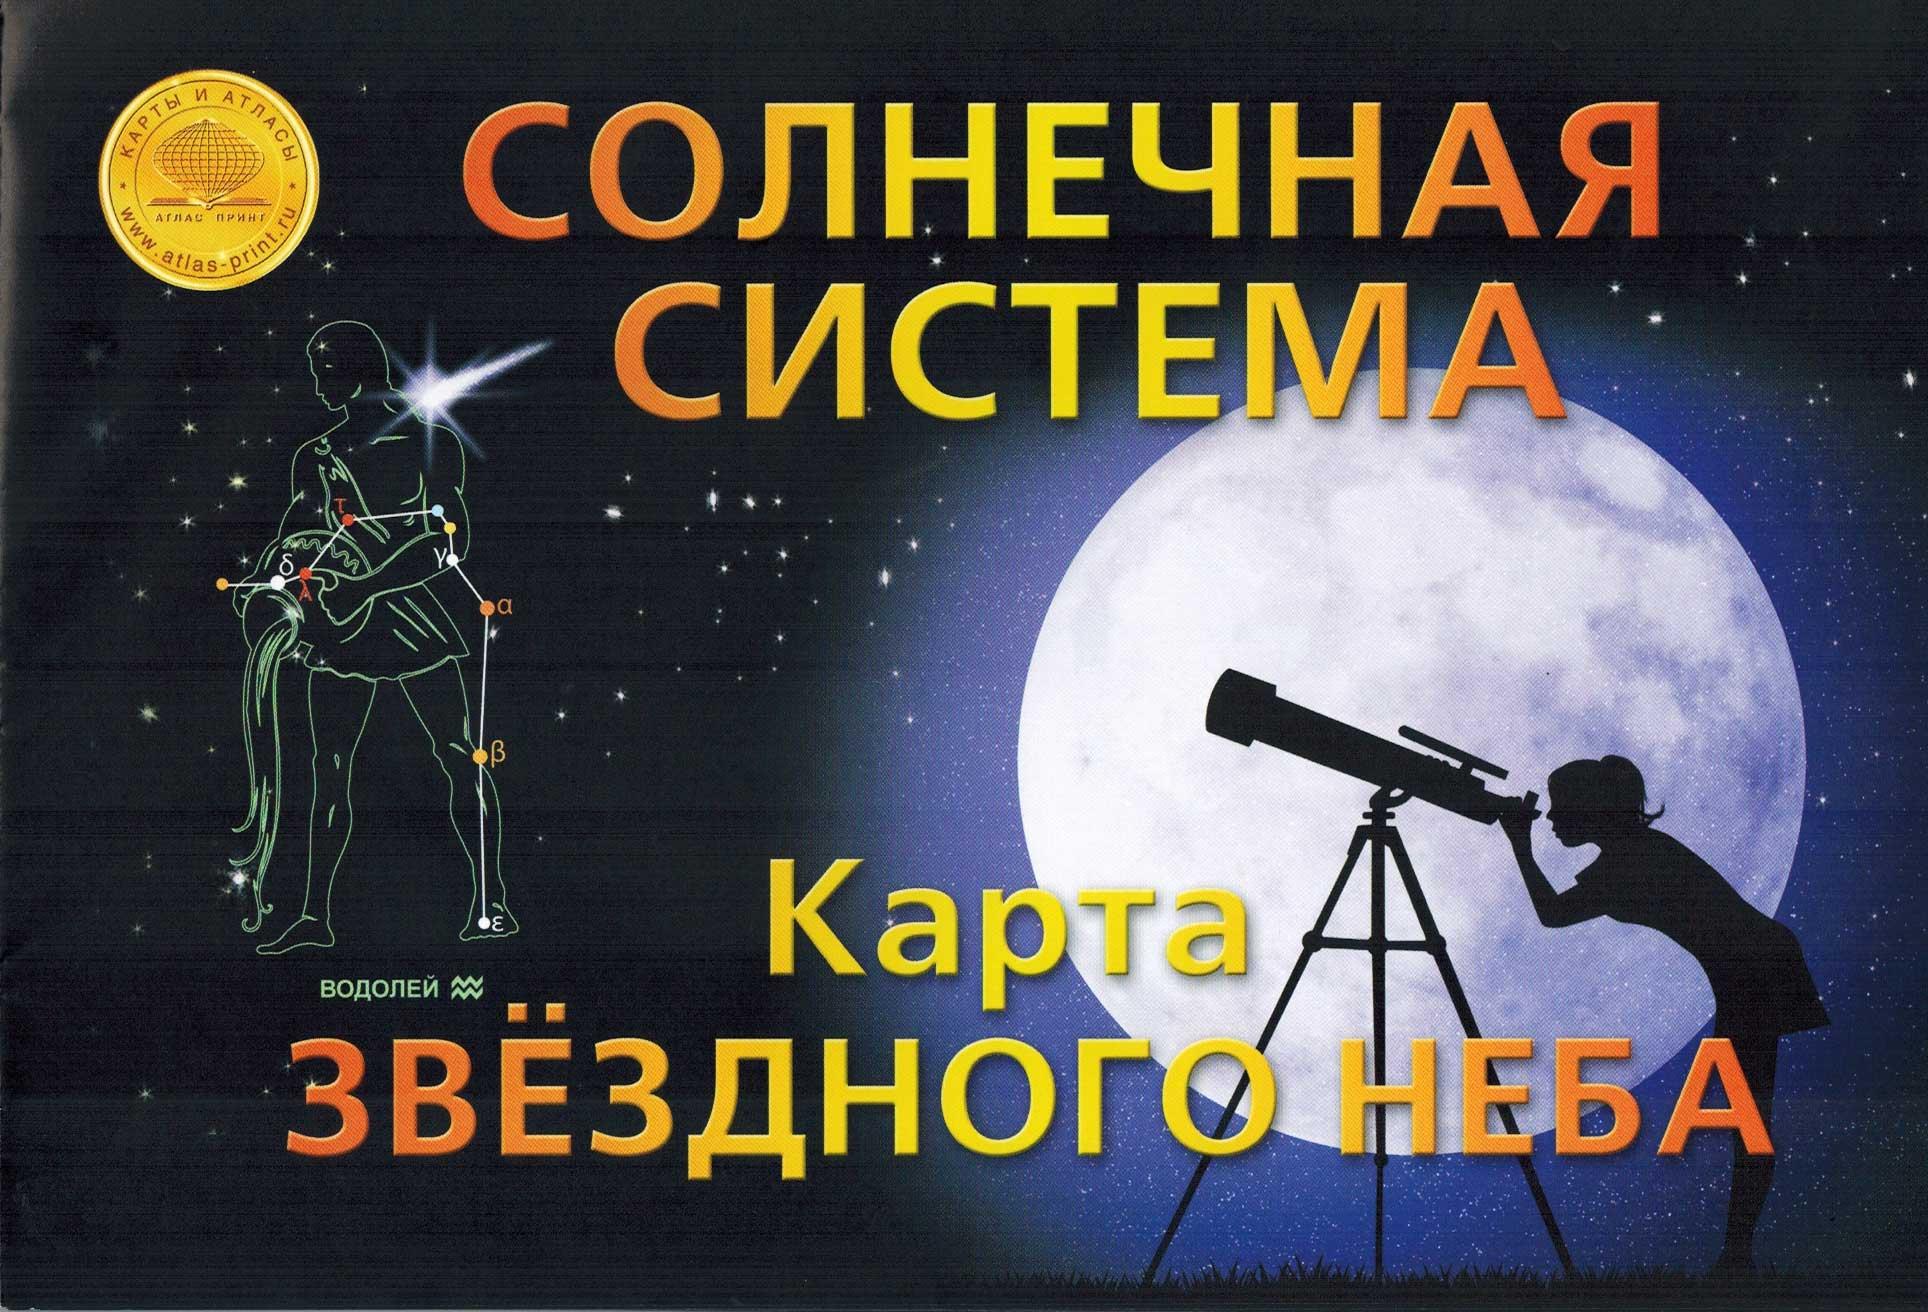 Складная карта звездного неба. Солнечная Система (для детей)